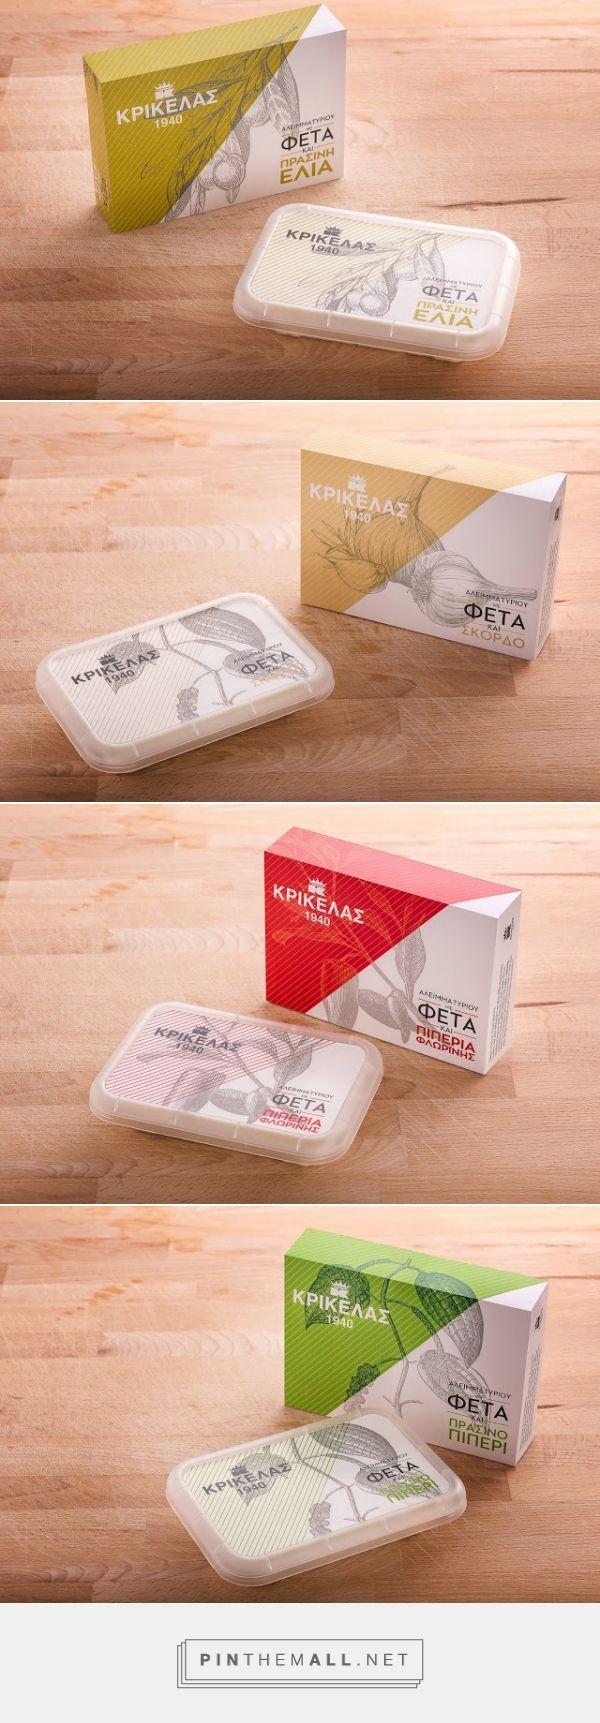 Krikelas - Packaging of the World - Creative Package Design Gallery - http://www.packagingoftheworld.com/2016/01/krikelas.html